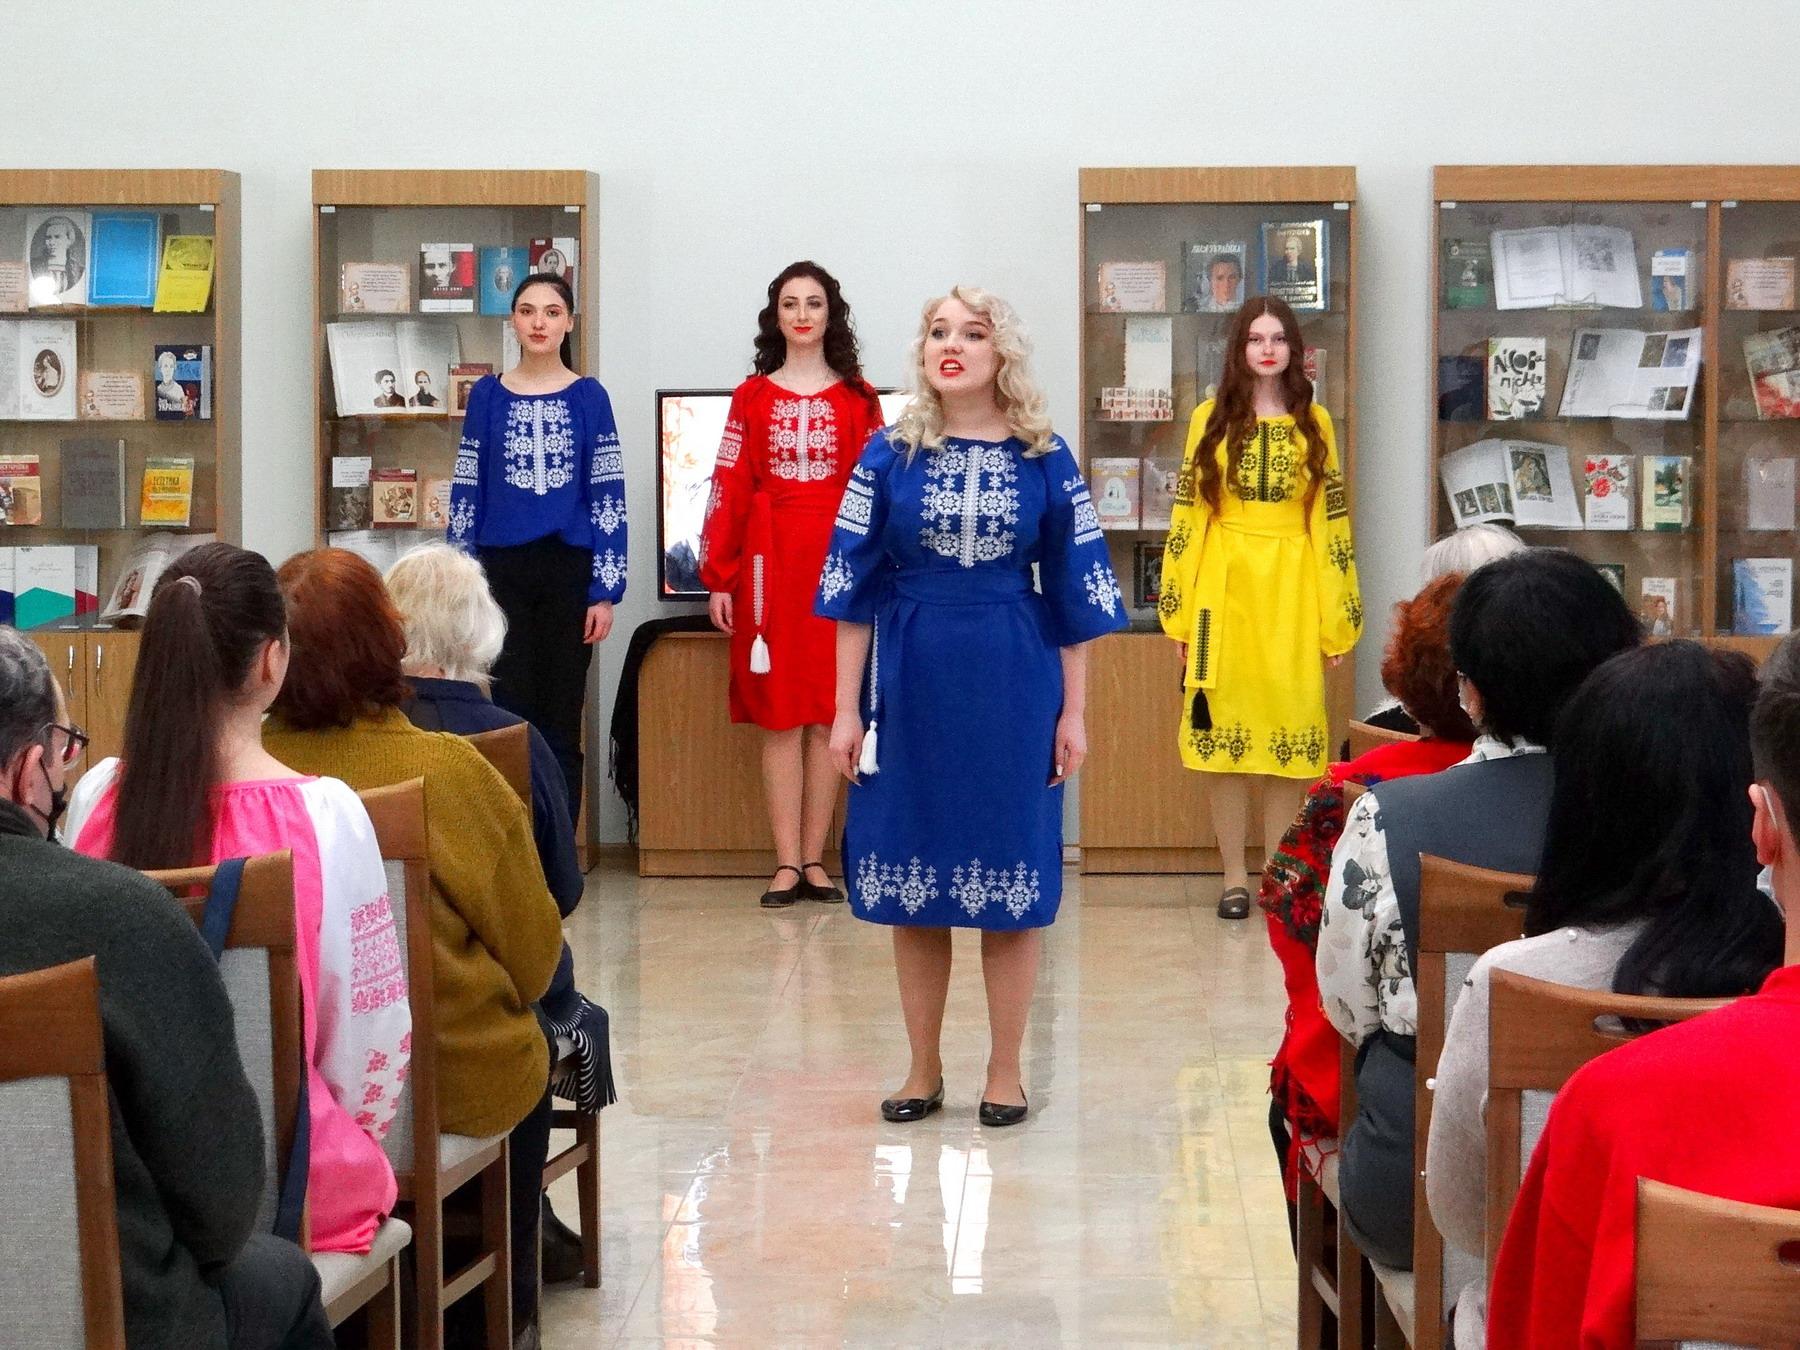 К 150-летию со дня рождения Леси Украинки в областной научной библиотеке показали спектакль  «Наша Леся»